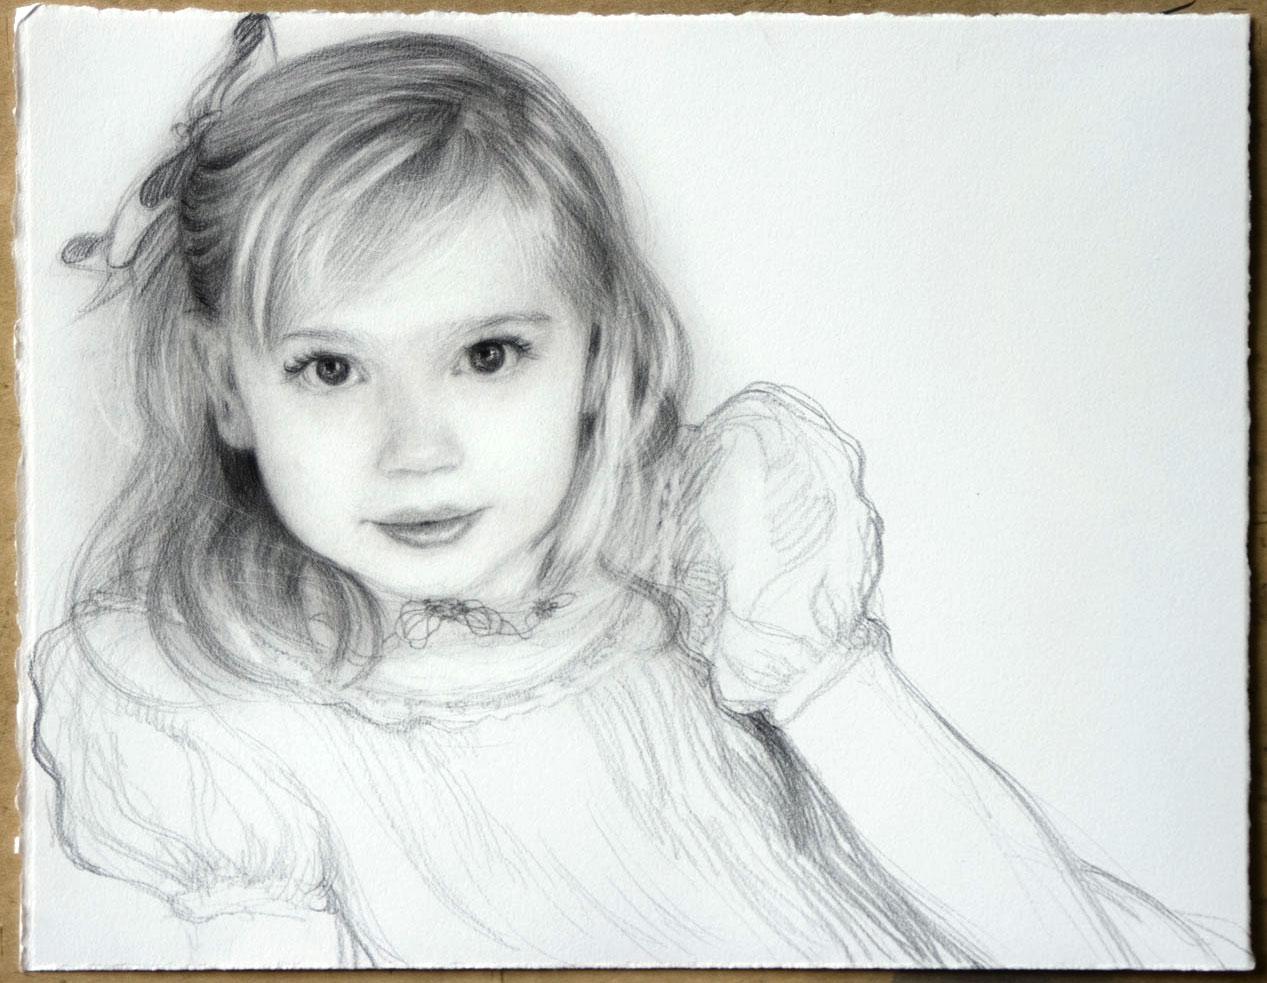 Pencil_Portrait_59.jpg